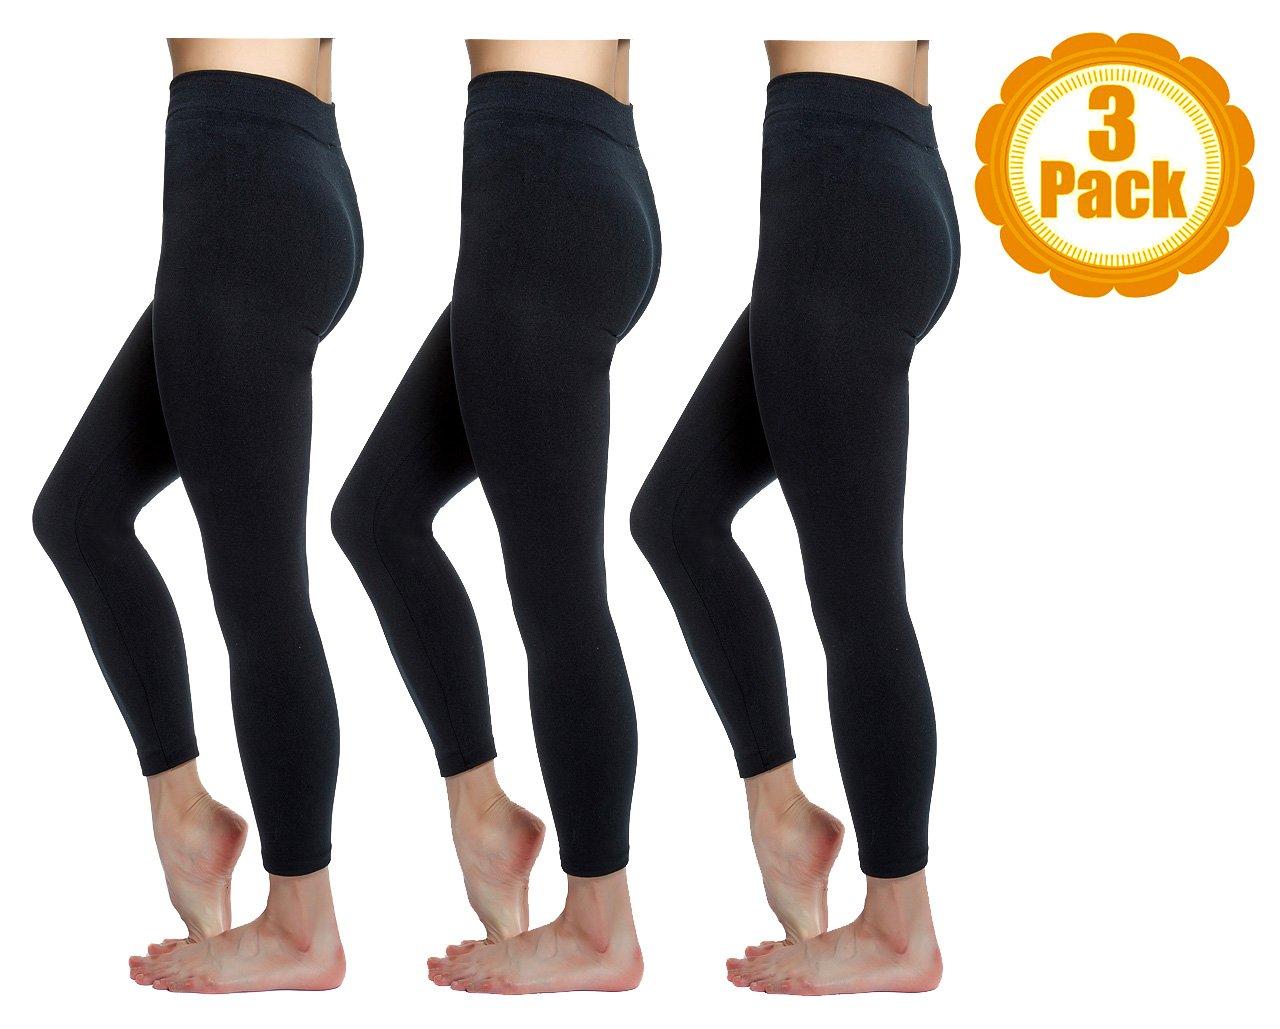 Love Charm Women's Seamless Fleece Lined Basic Leggings, Black, 3-Pack